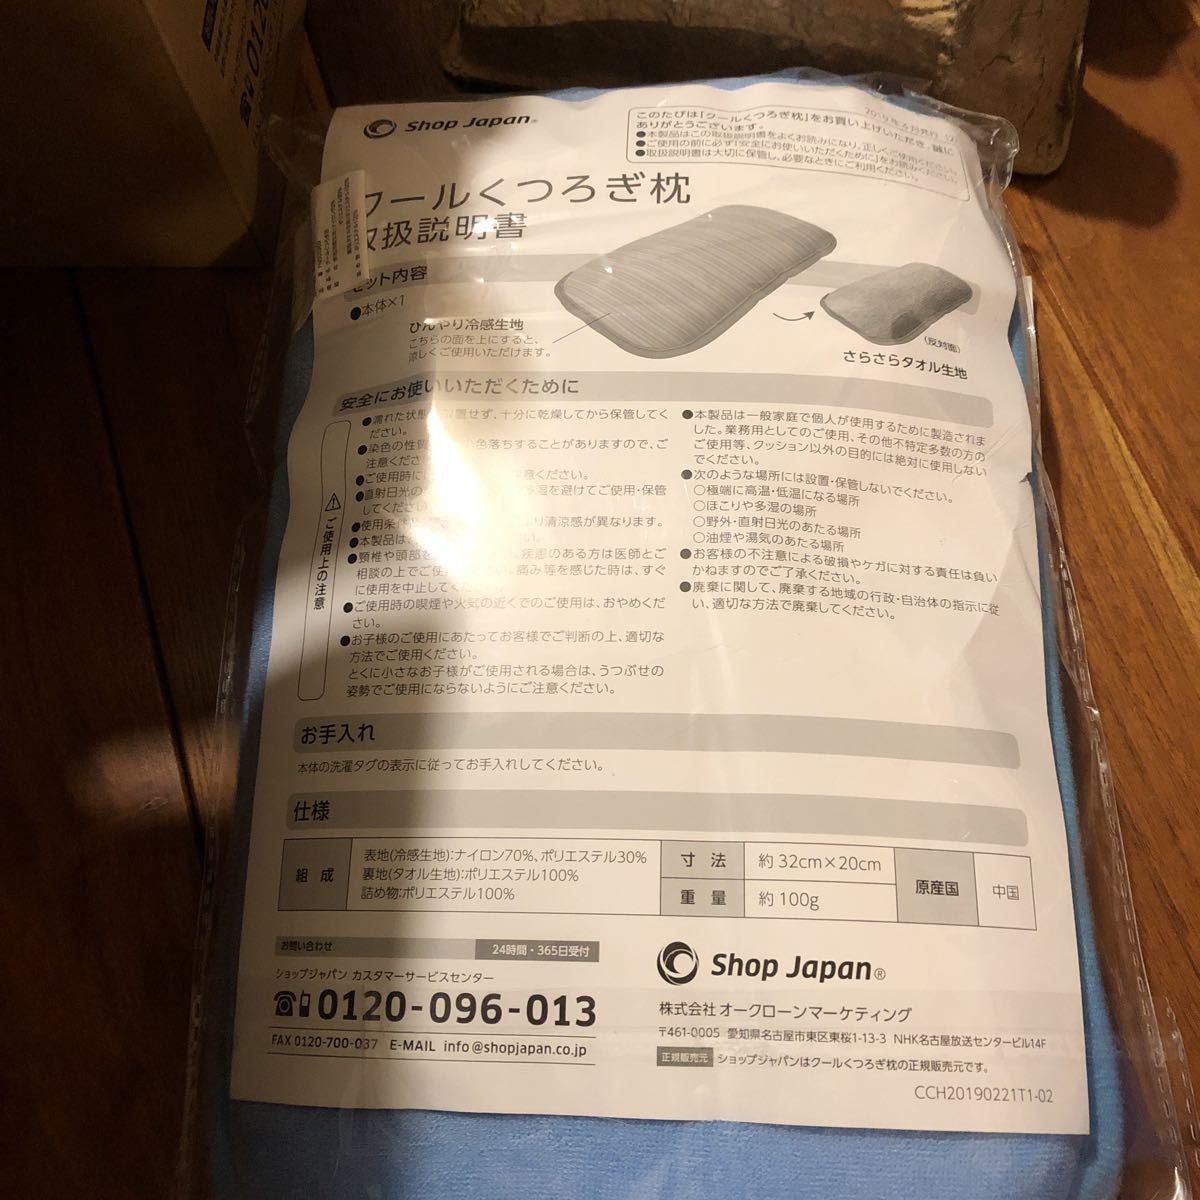 ここひええ shop japan2019年 最新_画像6